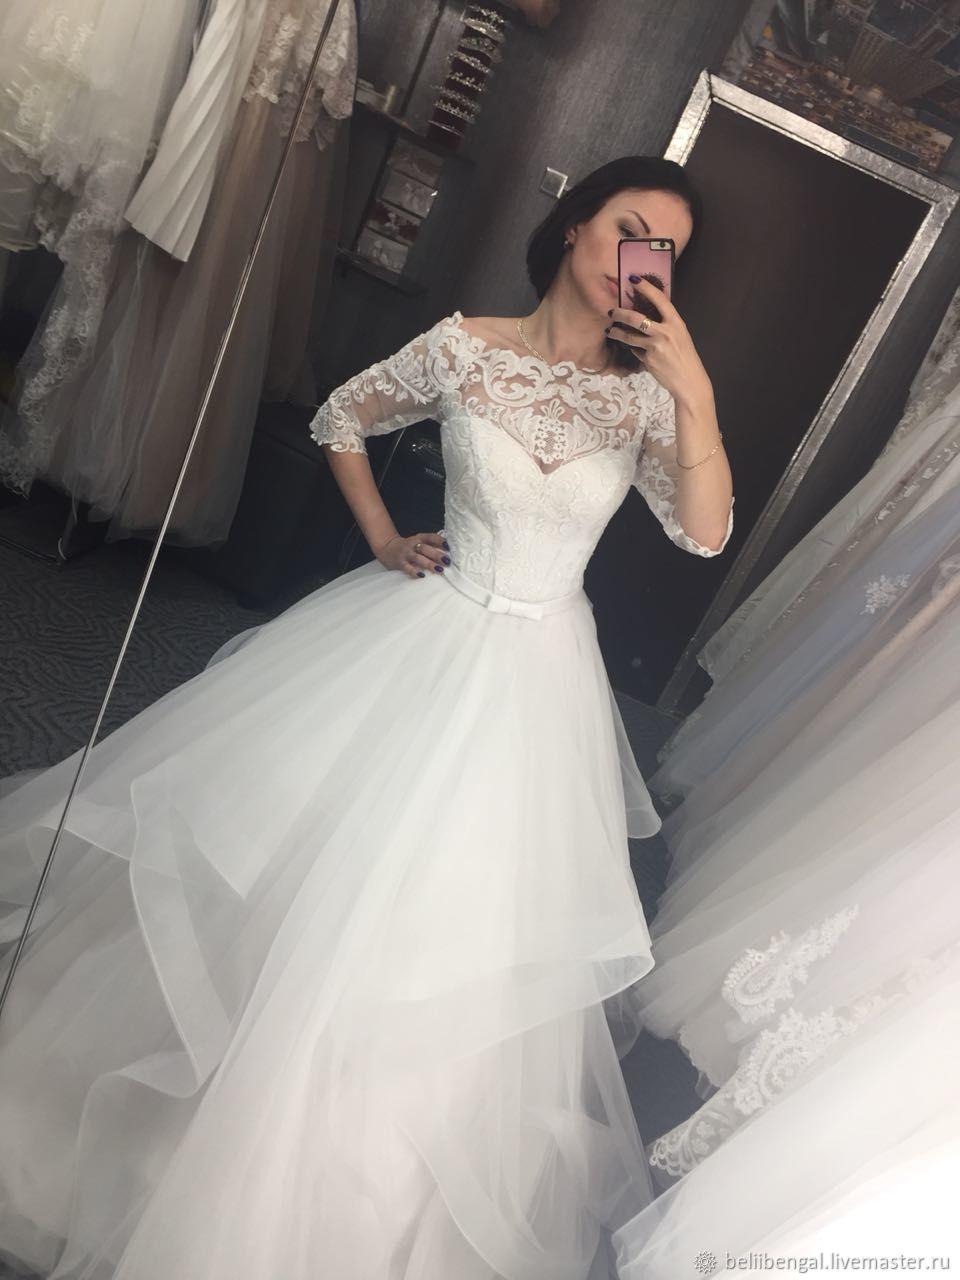 7a2c8131e53 Одежда и аксессуары ручной работы. Ярмарка Мастеров - ручная работа. Купить  Свадебные платья.